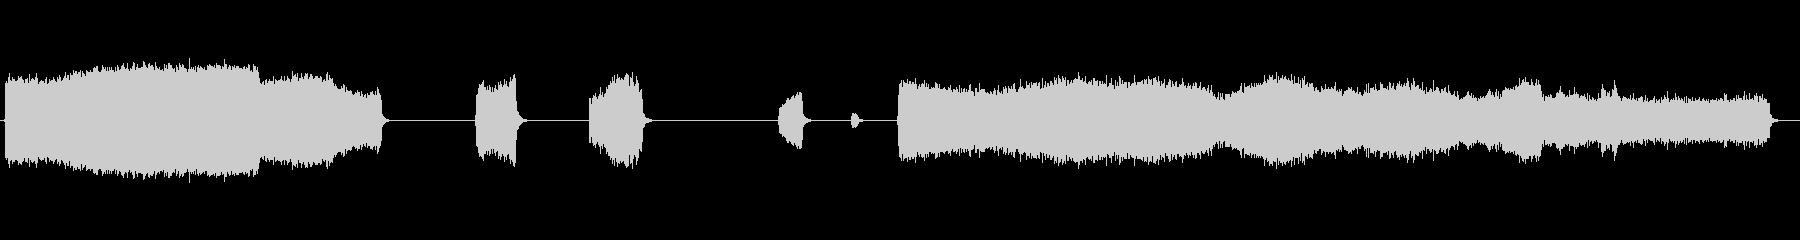 高圧エアホース:可変ミディアム、シ...の未再生の波形